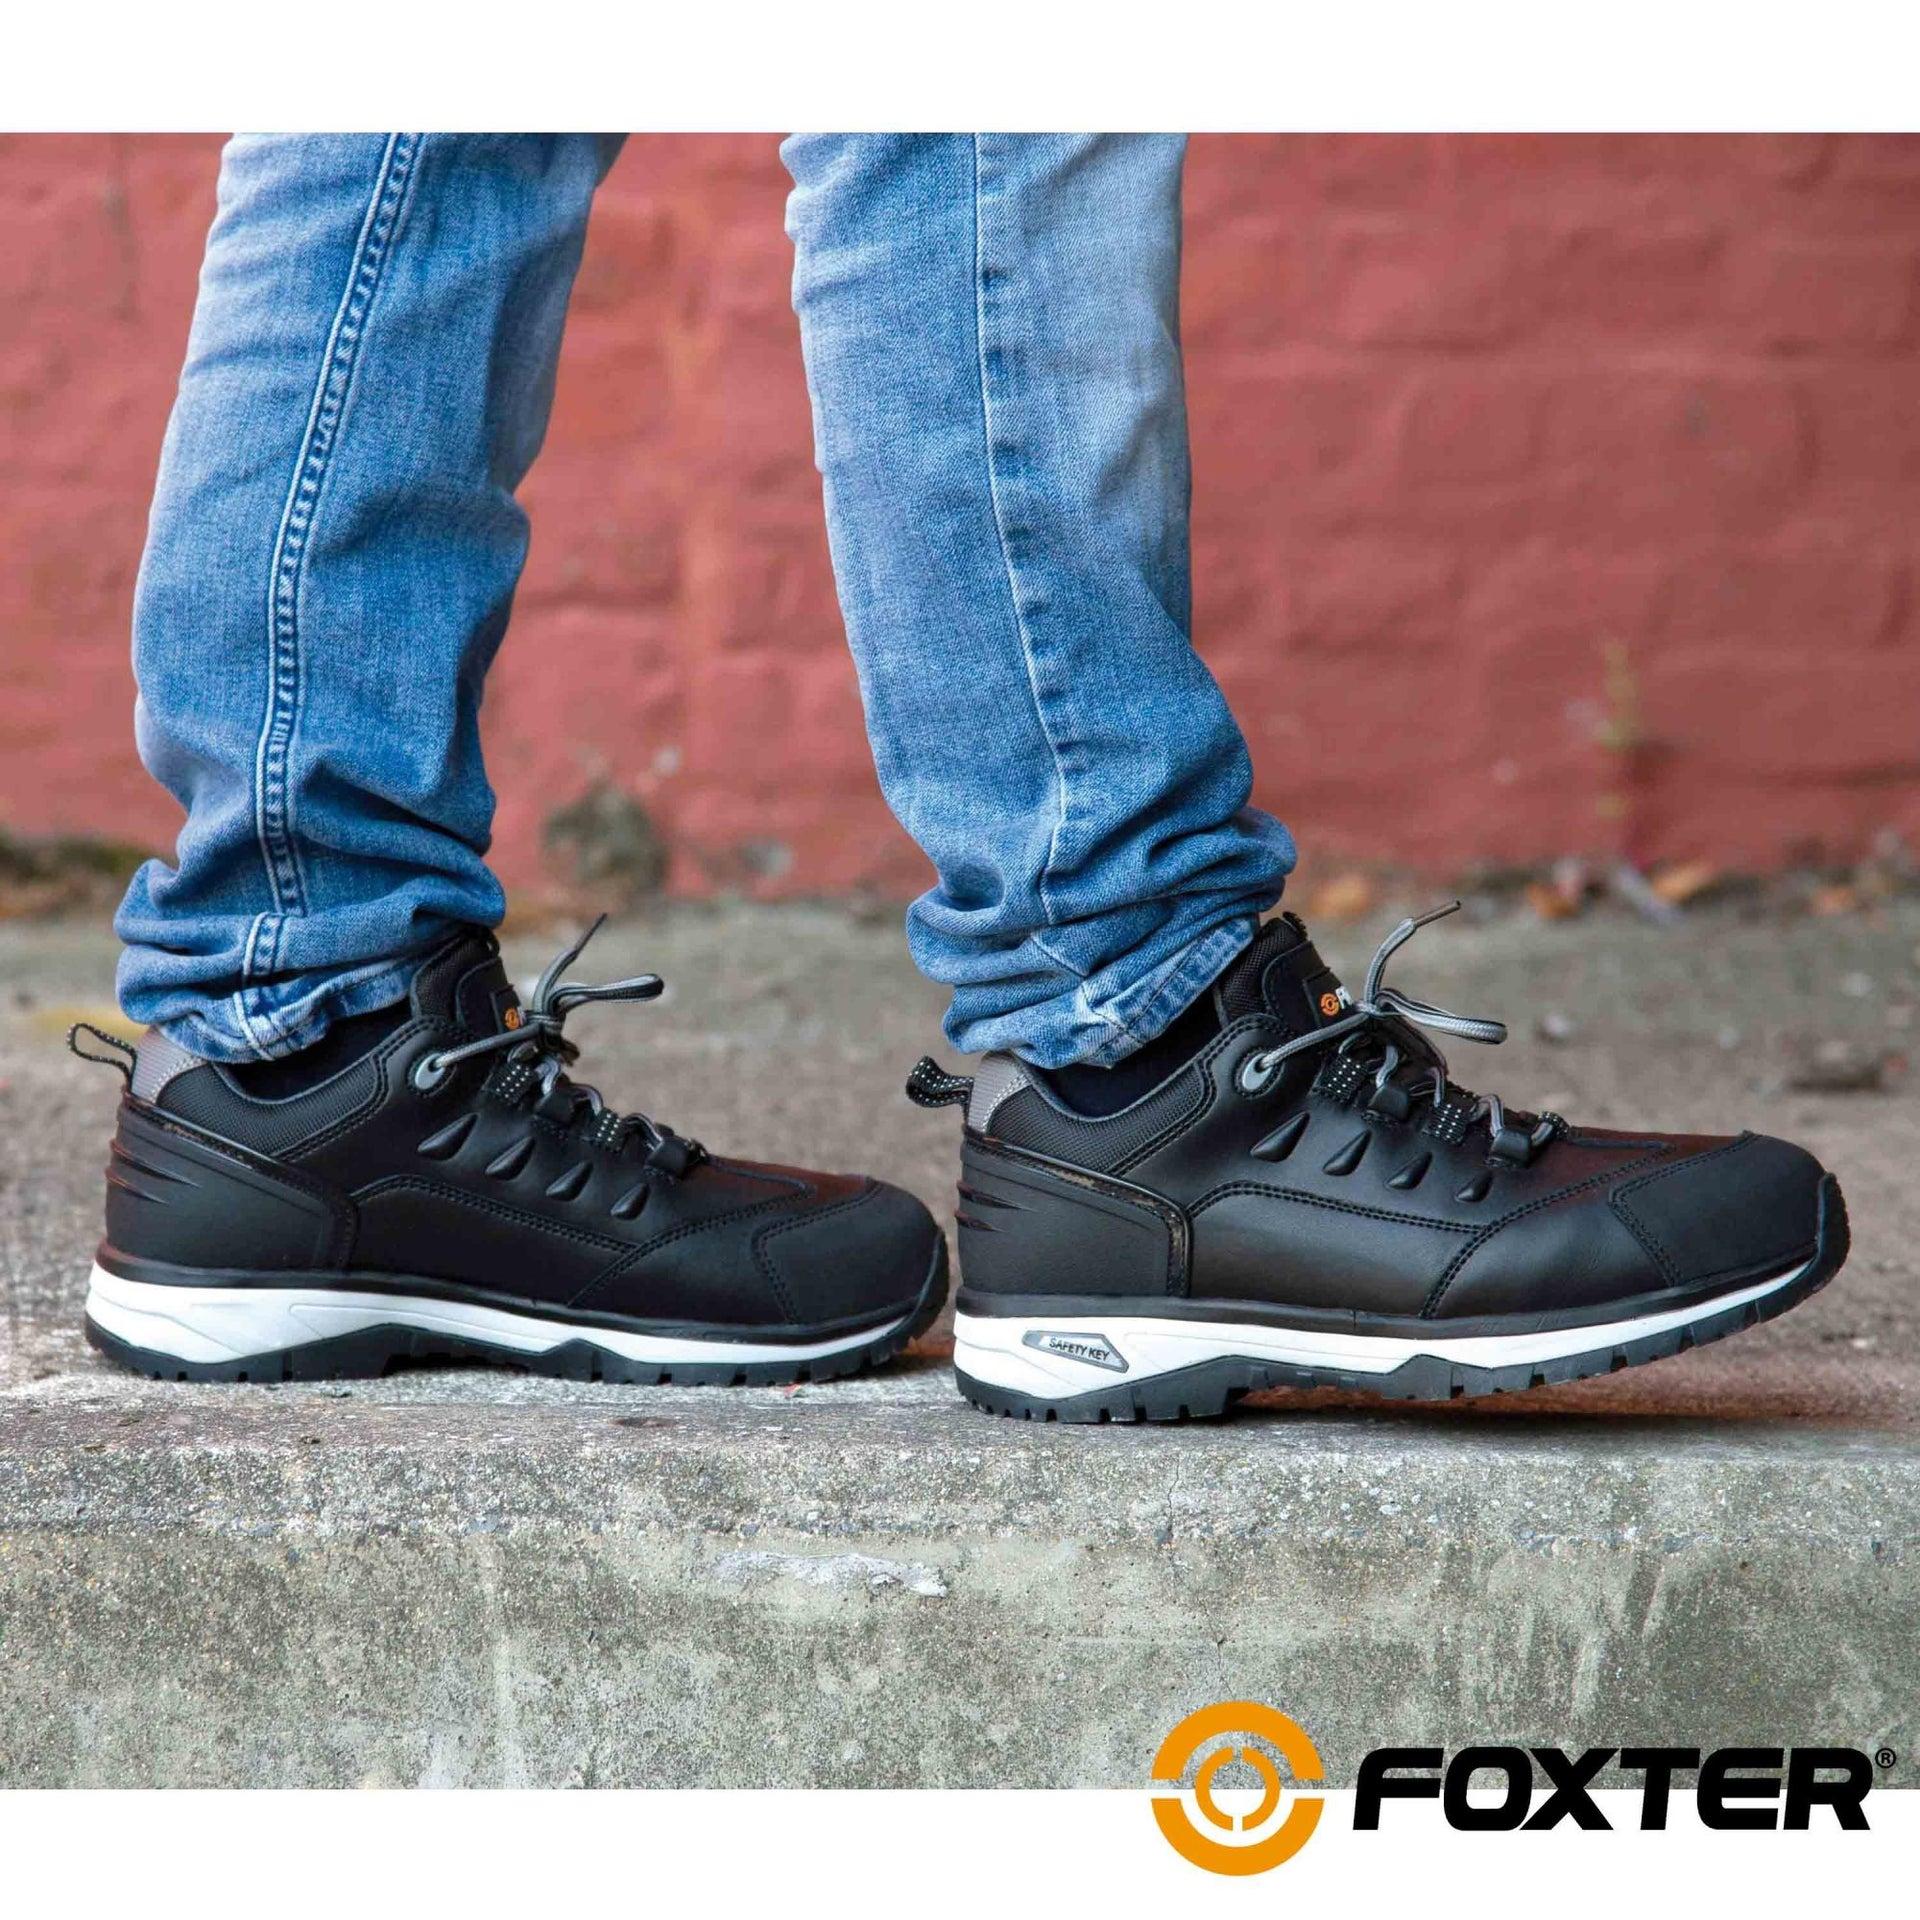 Foxter - Chaussures De Sécurité Basses   Hommes   Baskets ...